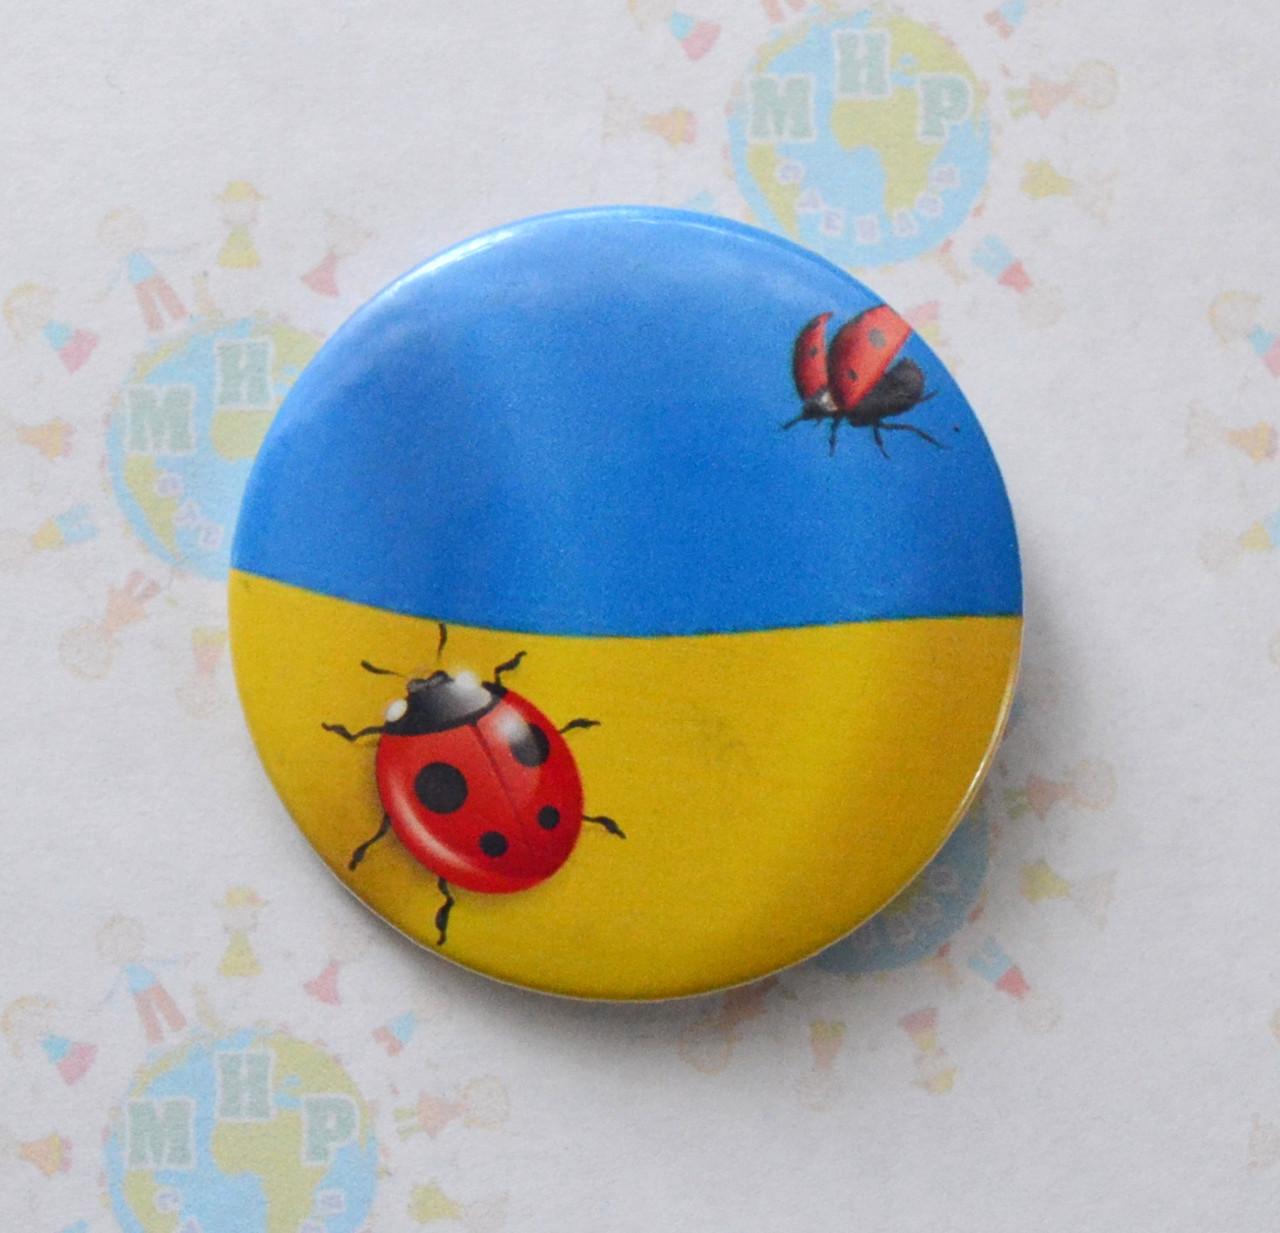 Значок сувенирный Символика Украины божья коровка